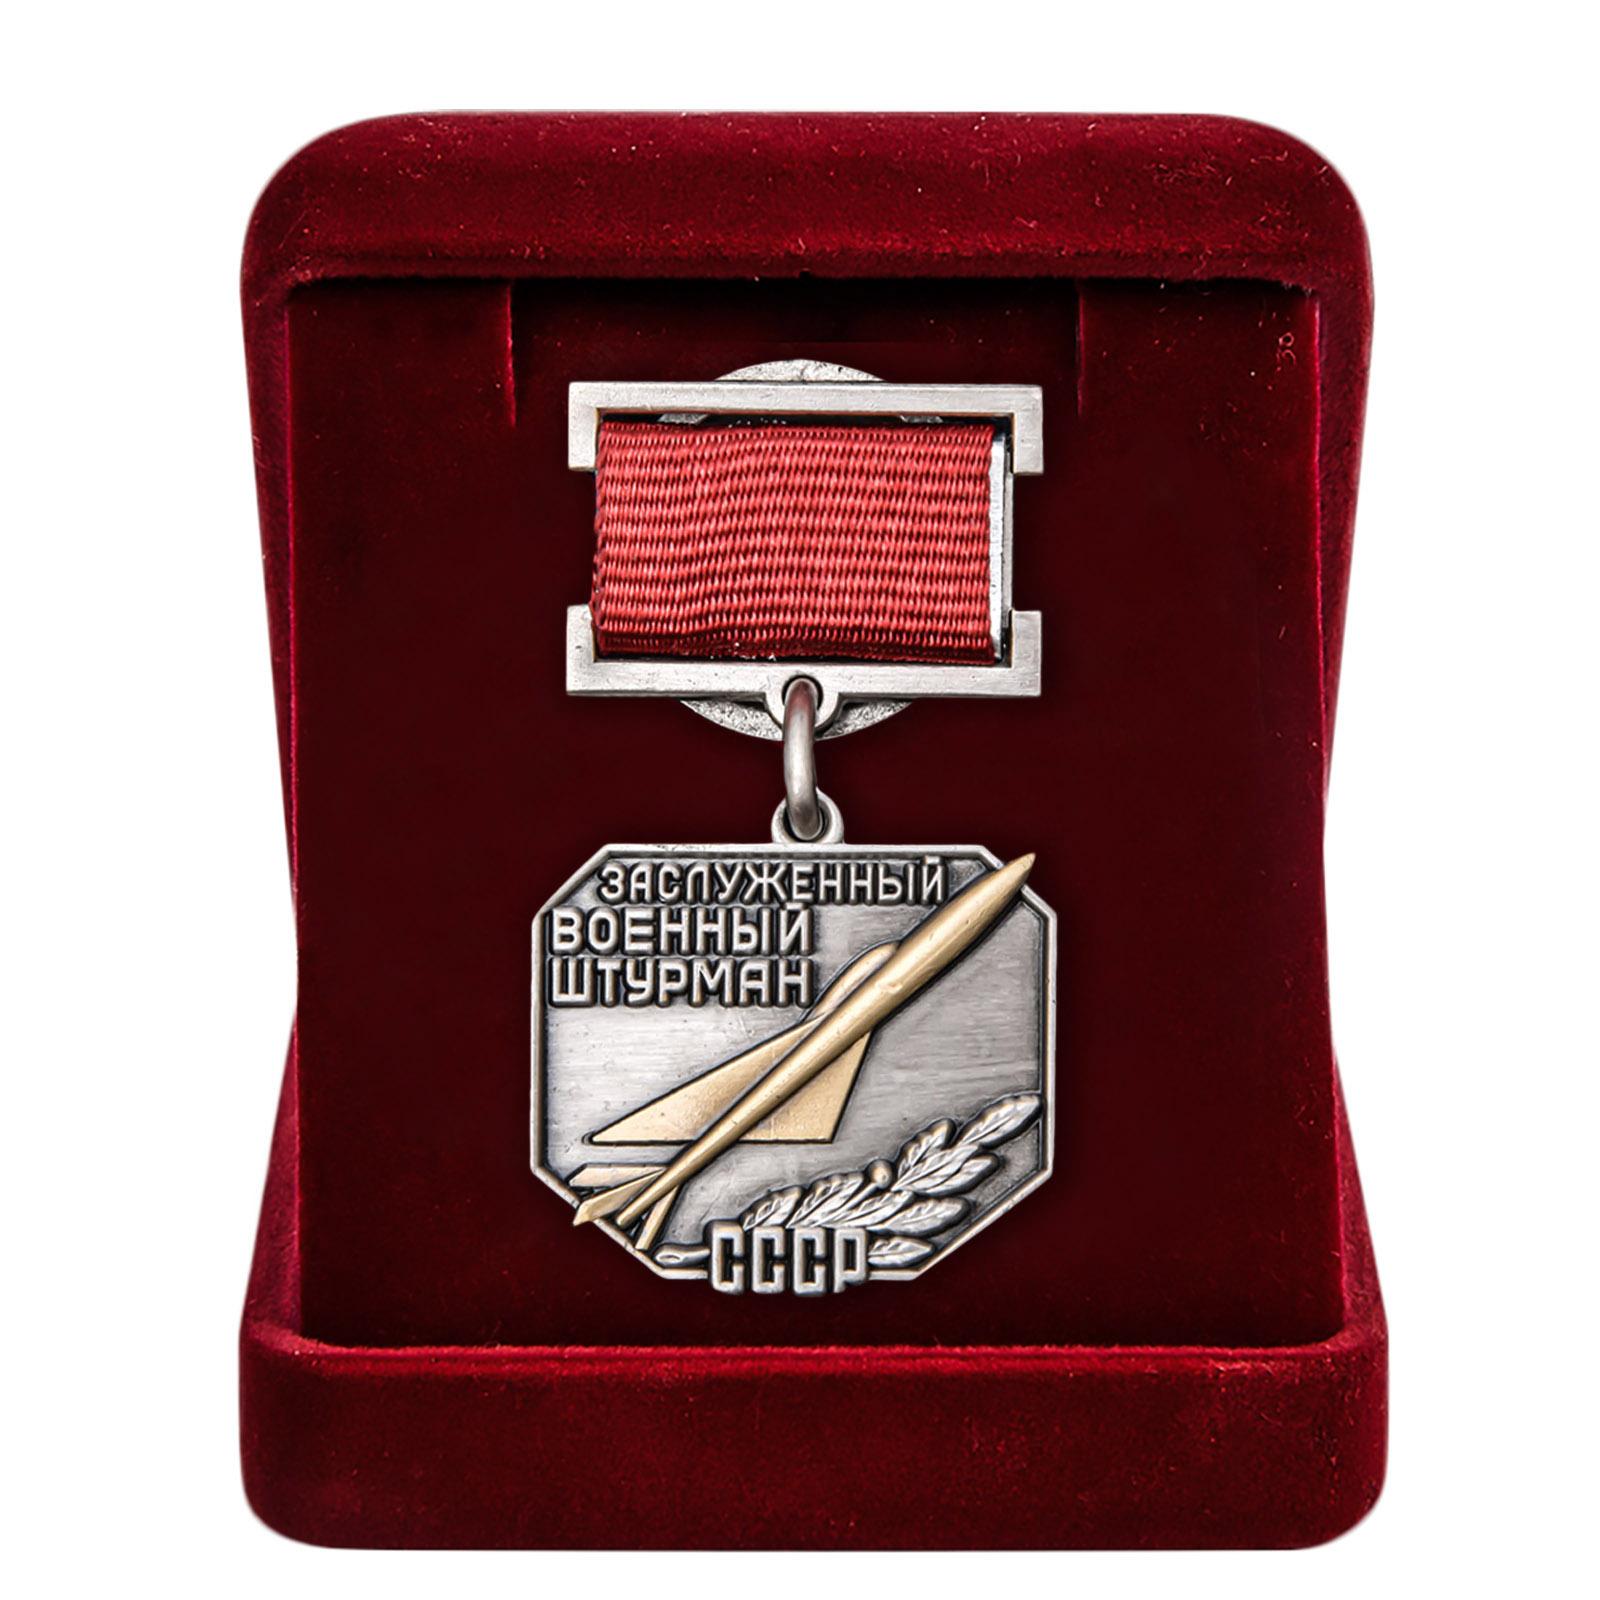 Купить знак Заслуженный военный штурман СССР онлайн в подарок